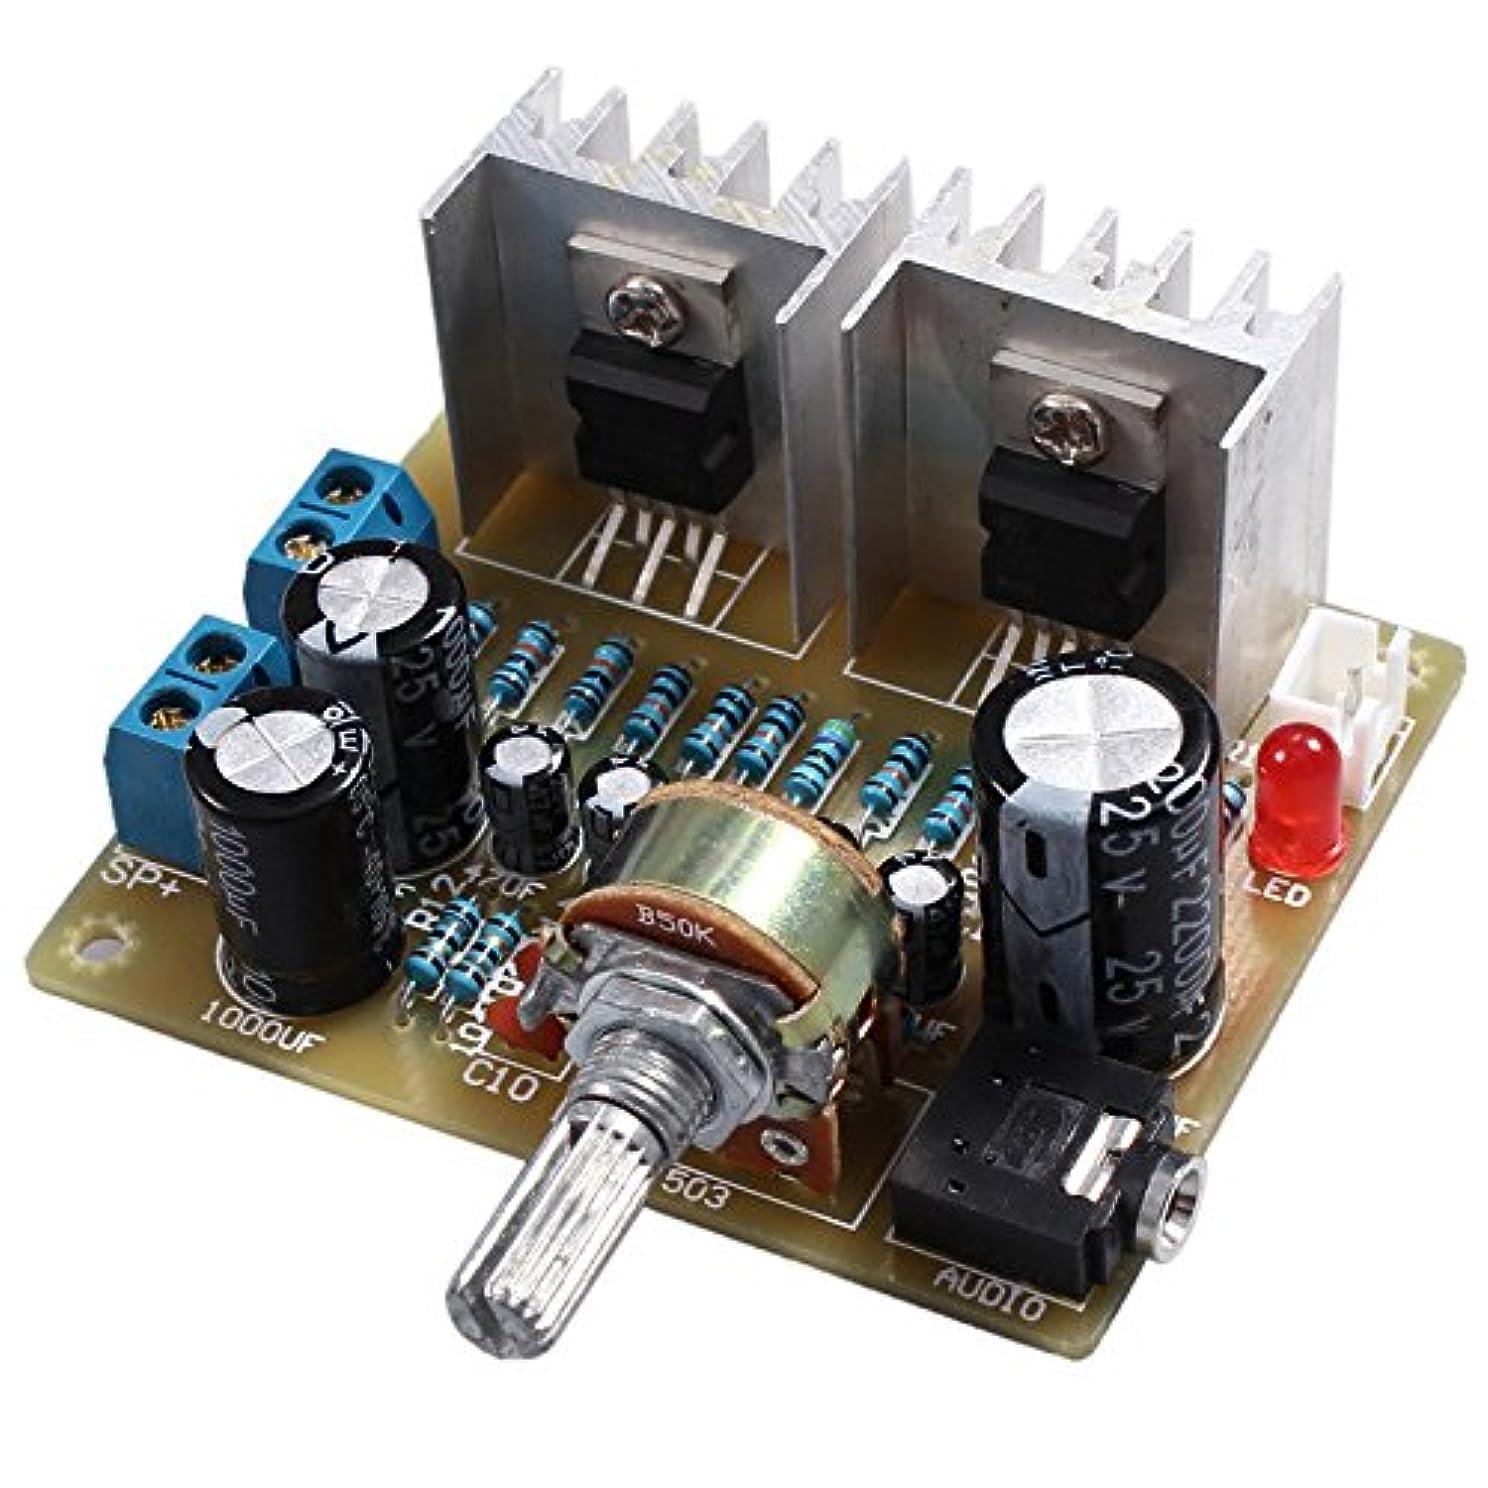 機関エージェント噴水SODIAL デュアルチャンネルTDA2030AパワーアンプDIYキット Arduinoの為